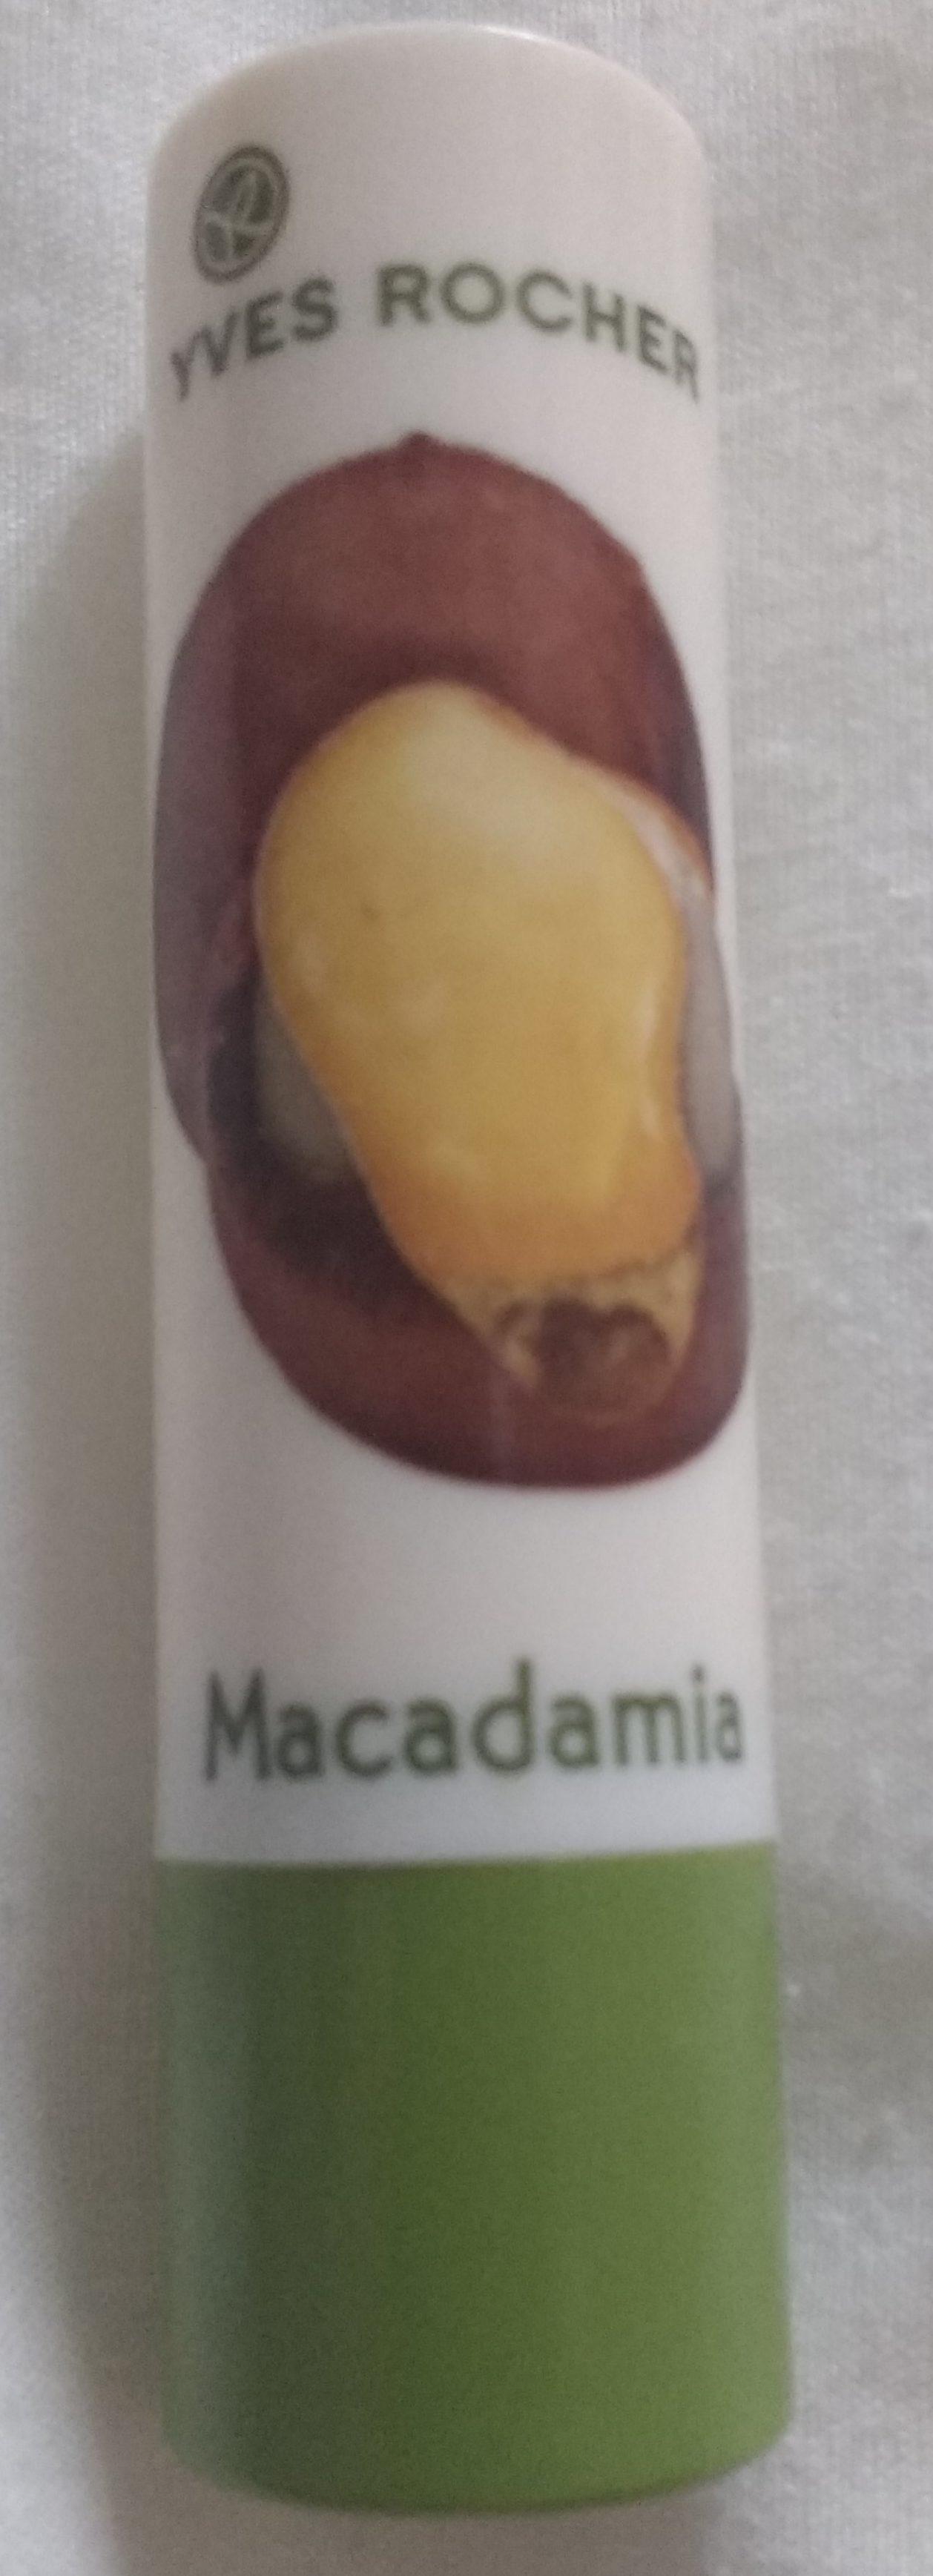 Macadamia - Product